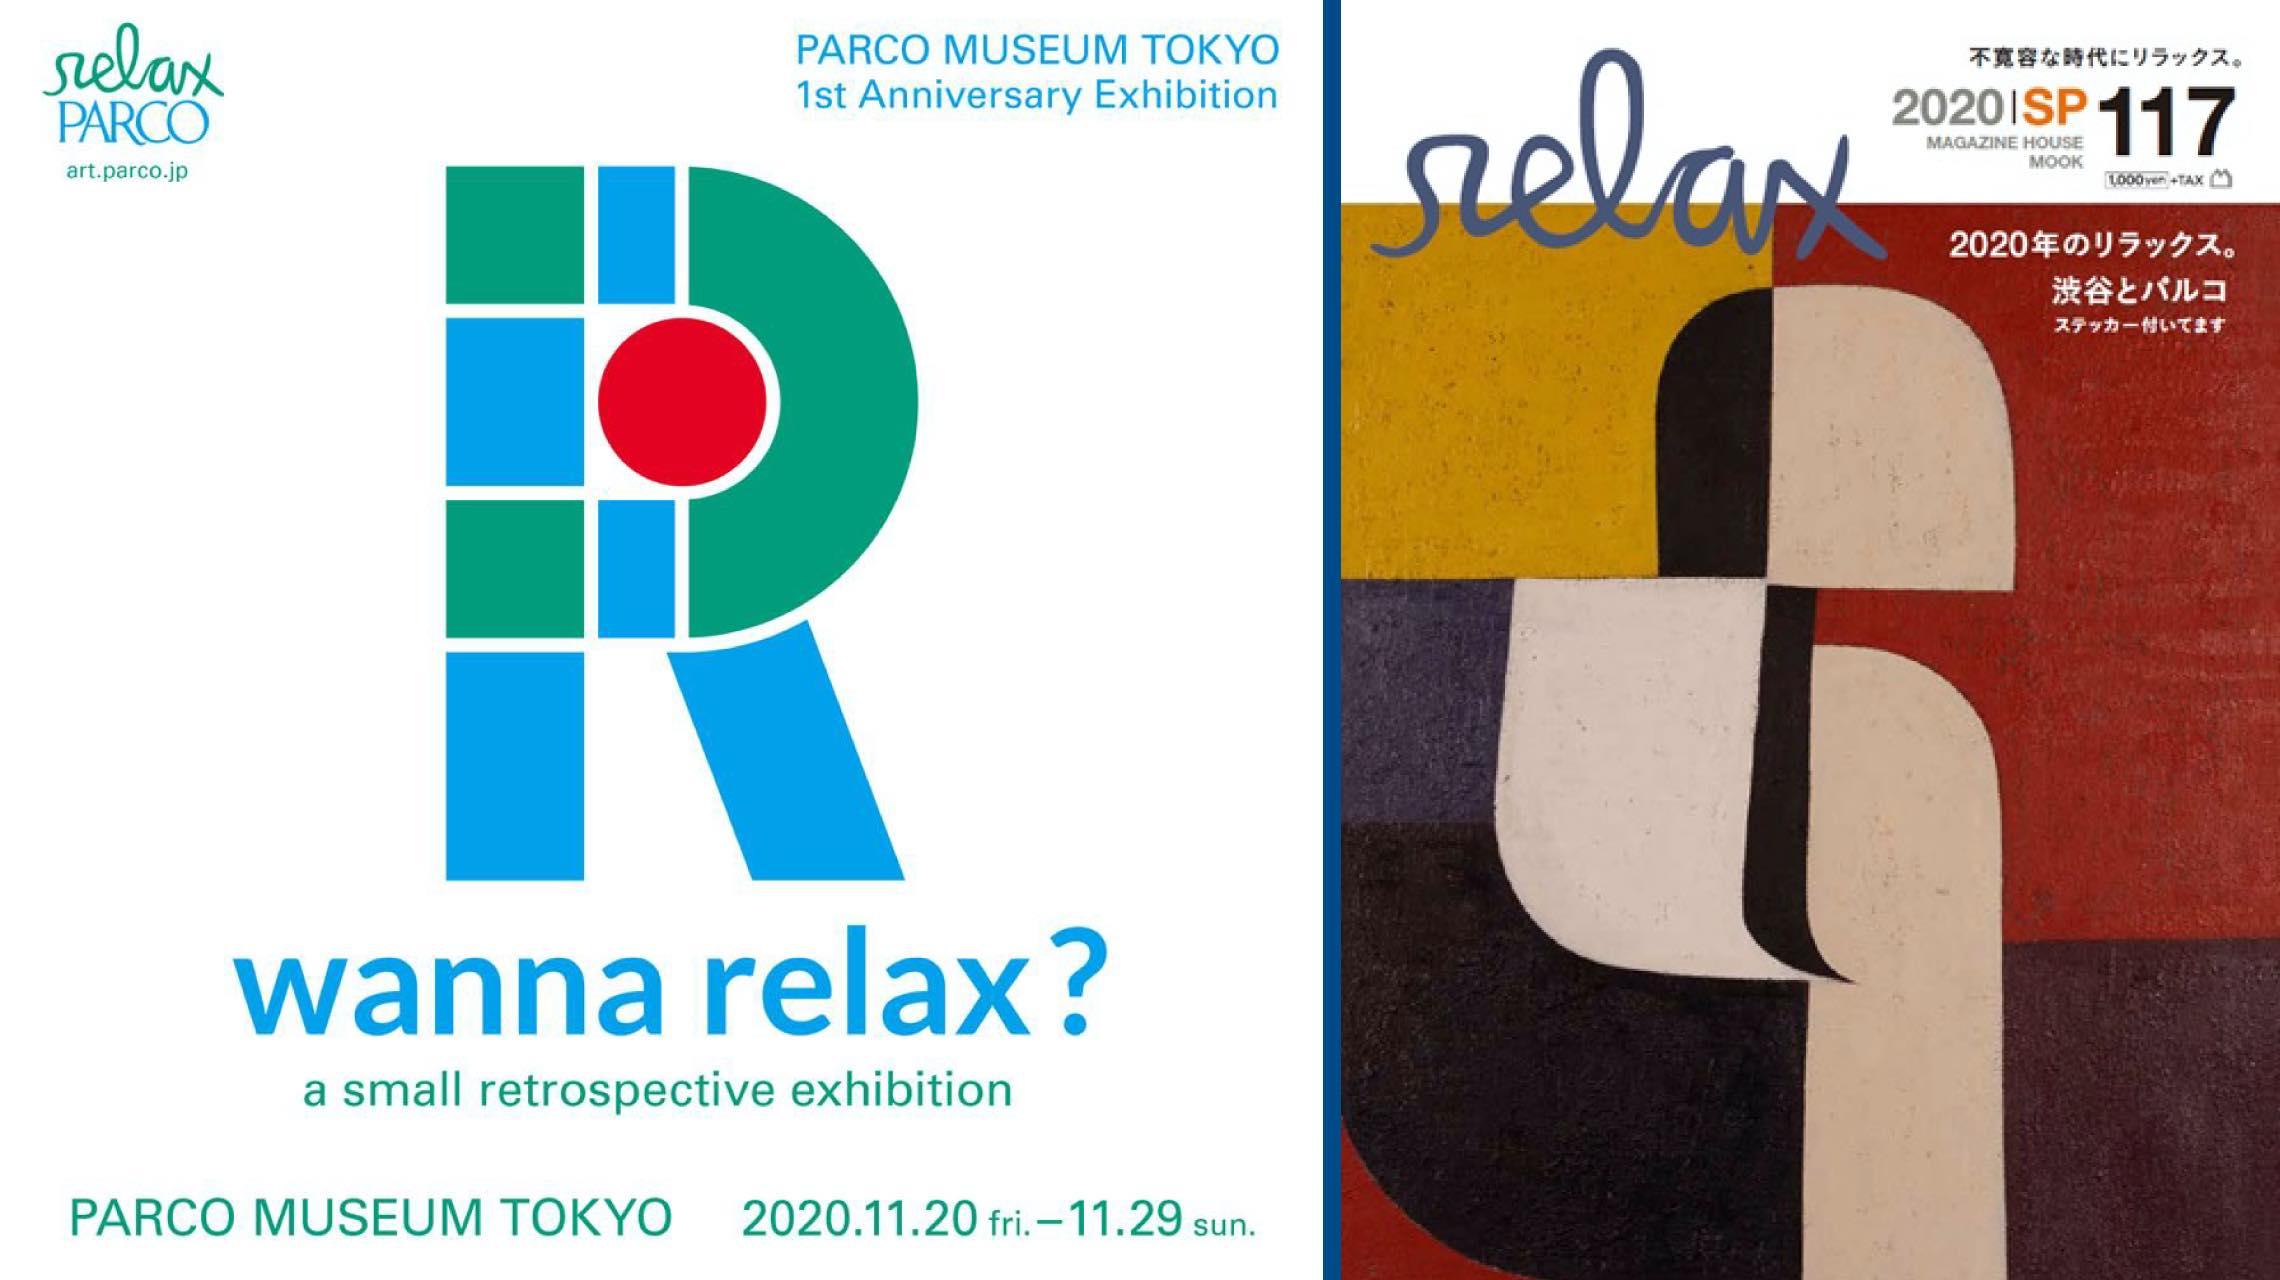 伝説のカルチャー誌『relax』の回顧展。時代を経ても変わらないサブカルの魅力を味わい尽くす